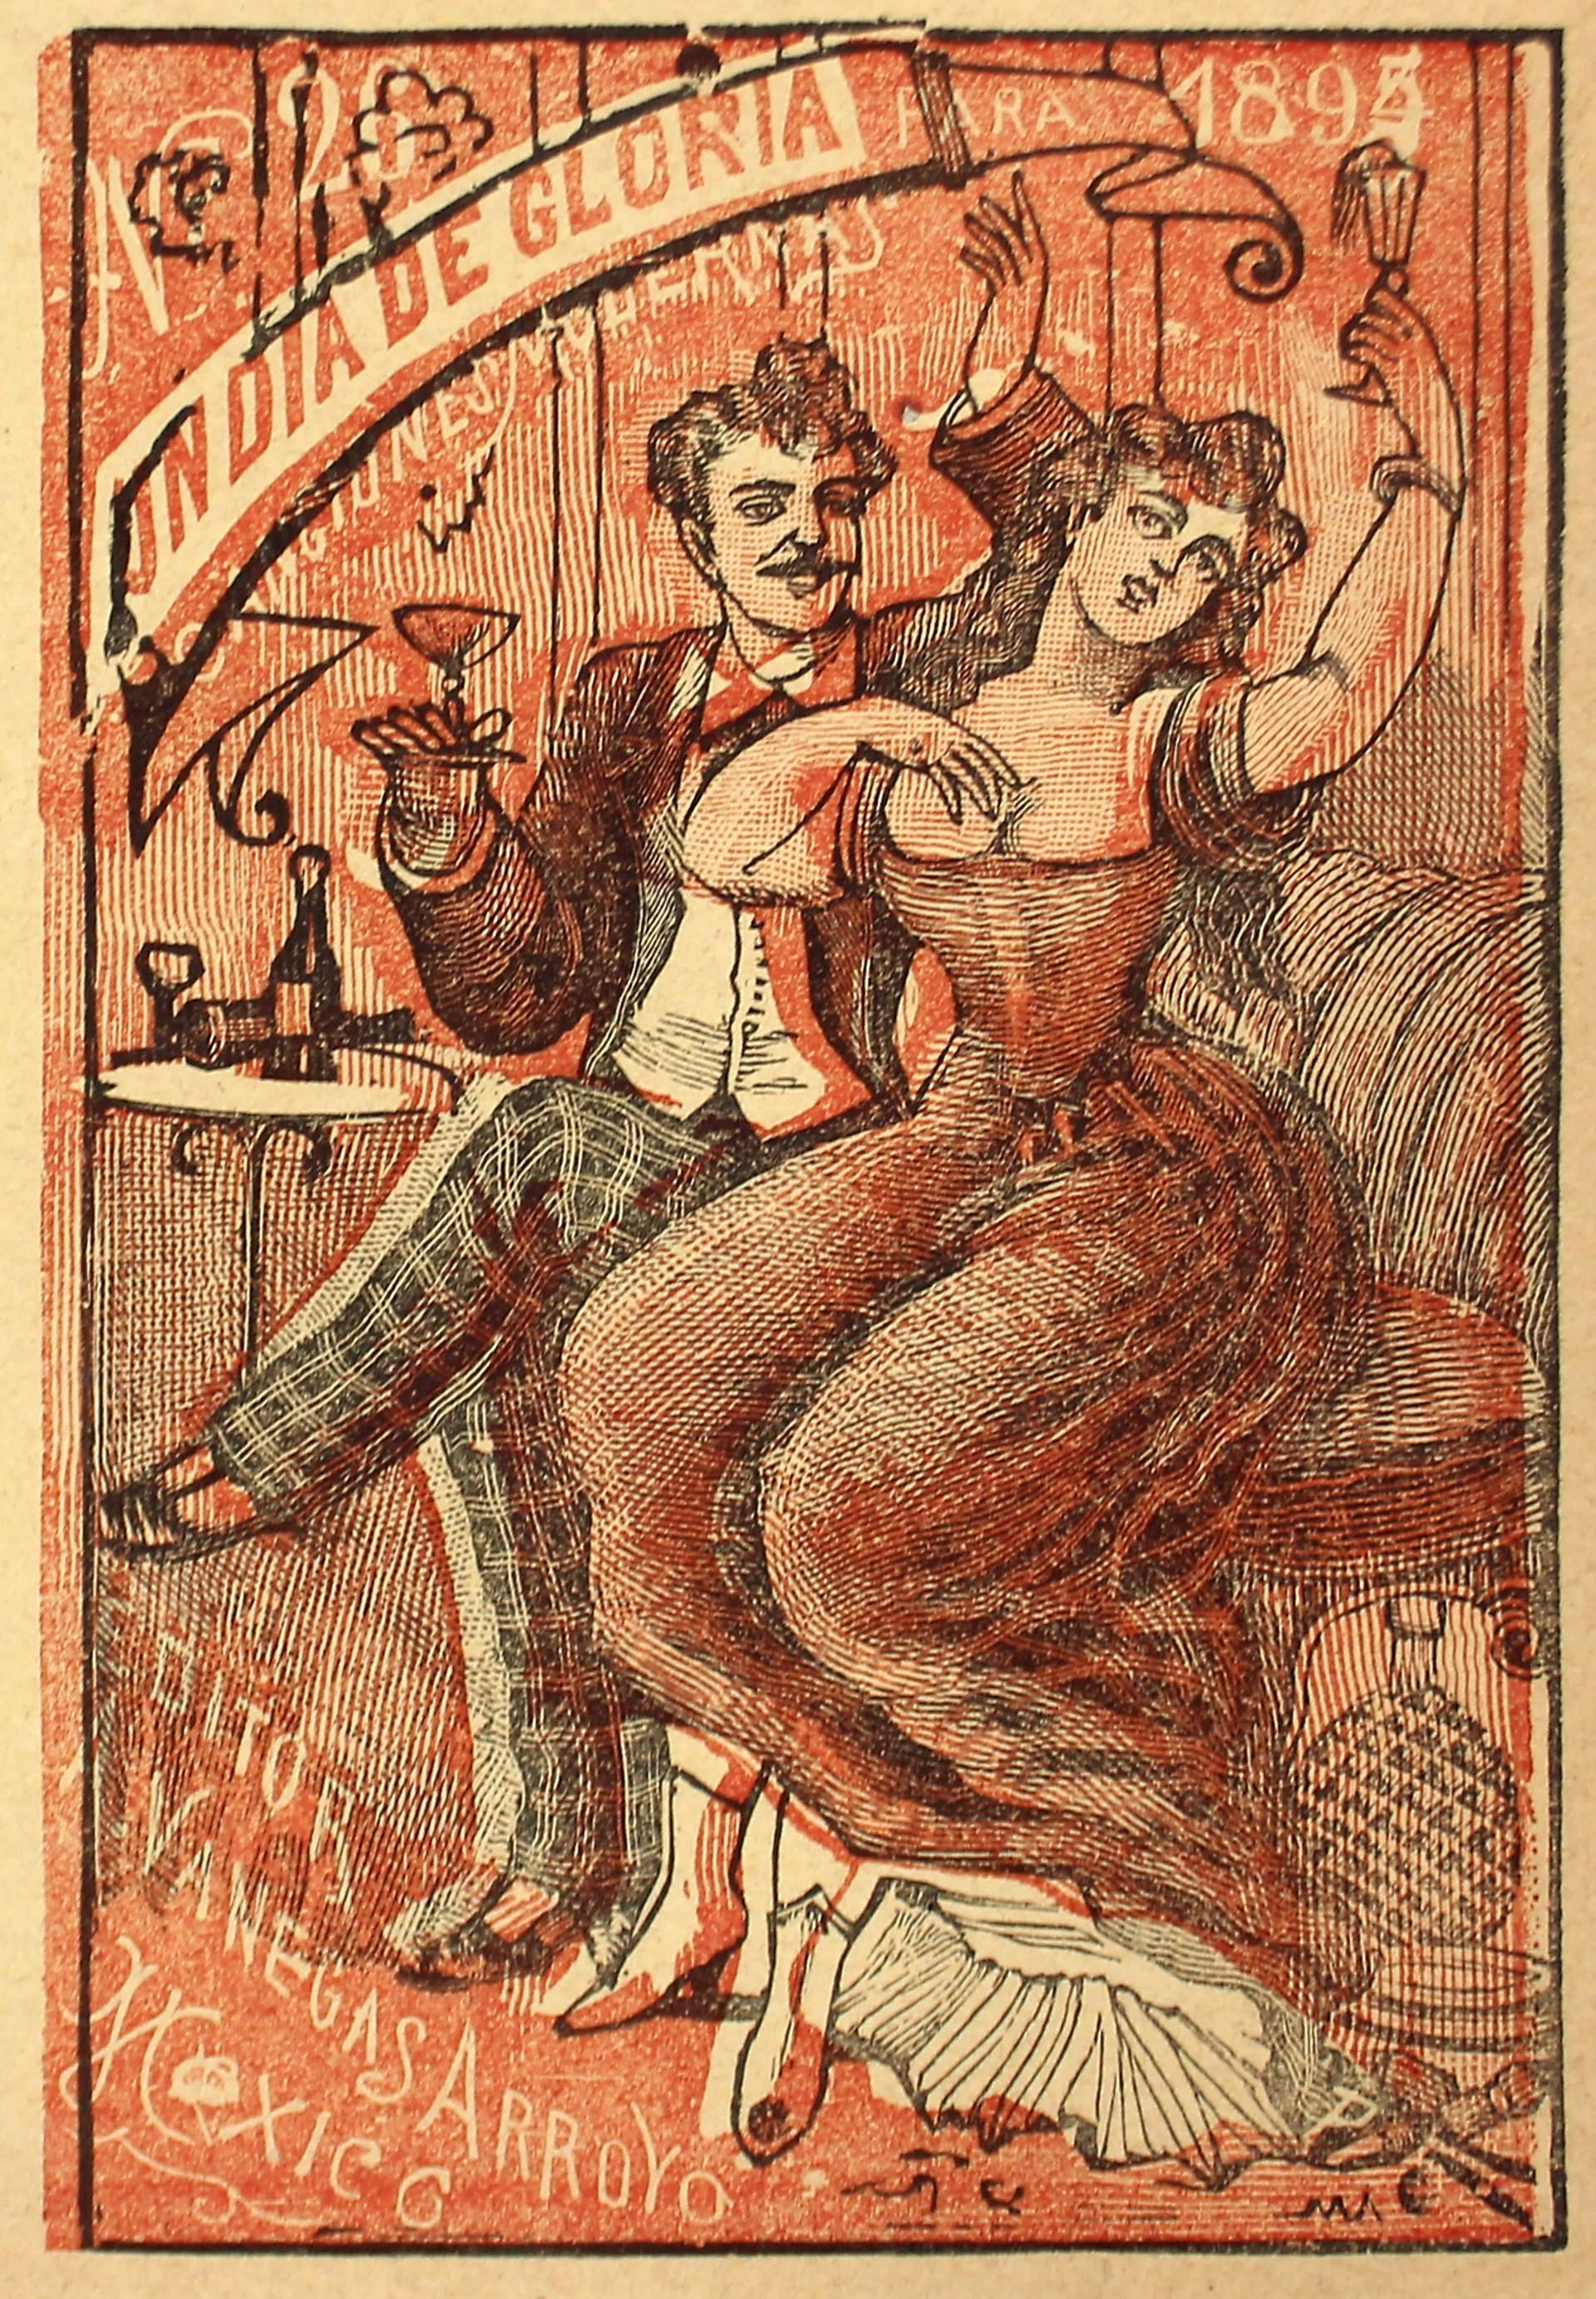 Un Dia de Gloria. Canciones modernas, No. 26. by José Guadalupe Posada (1852 - 1913)